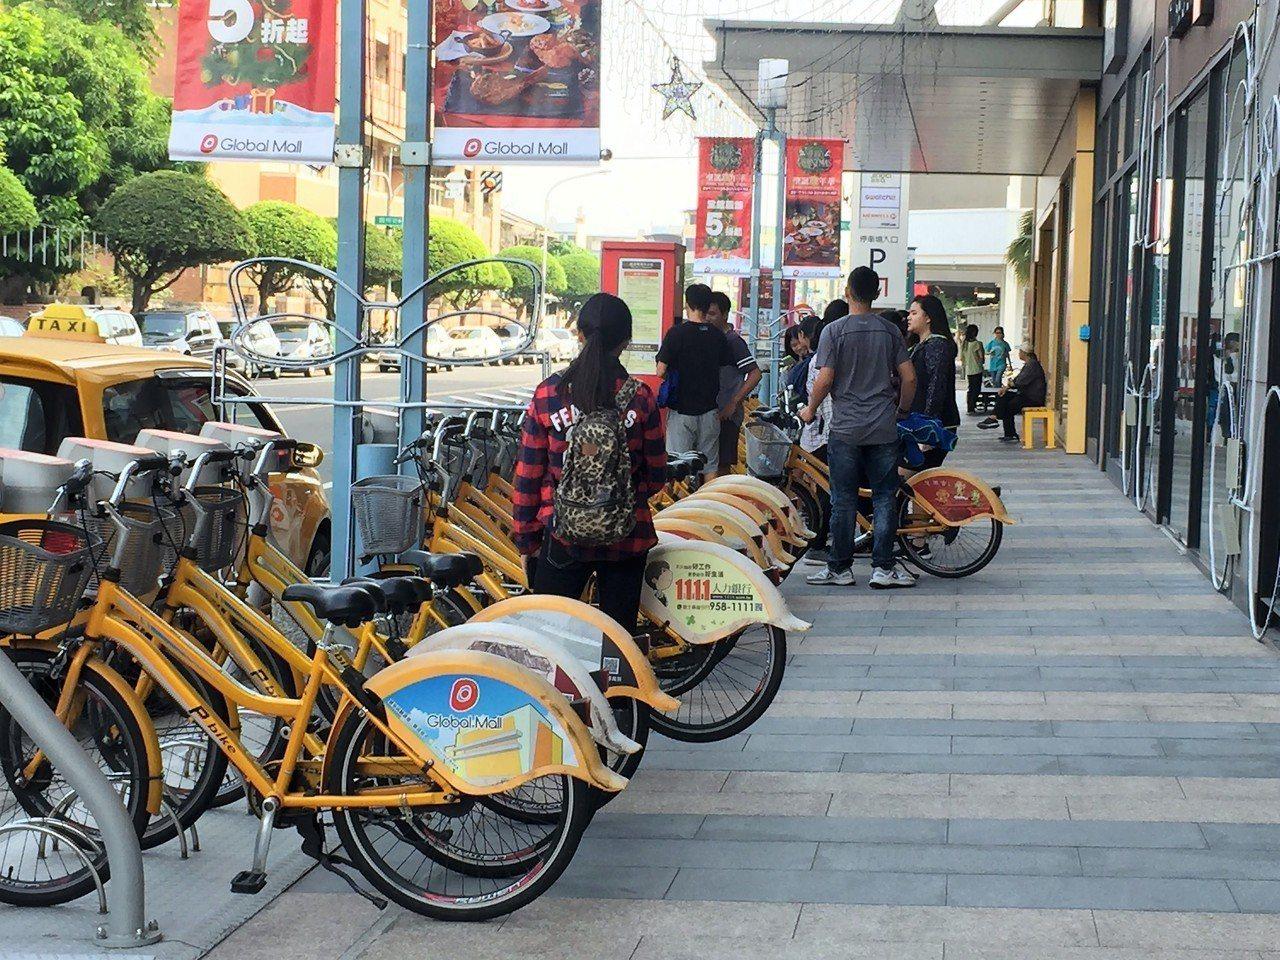 屏東公共自行車目前收費方式是前半小時免費,明年仍維持原收費方式。 記者翁禎霞/攝...